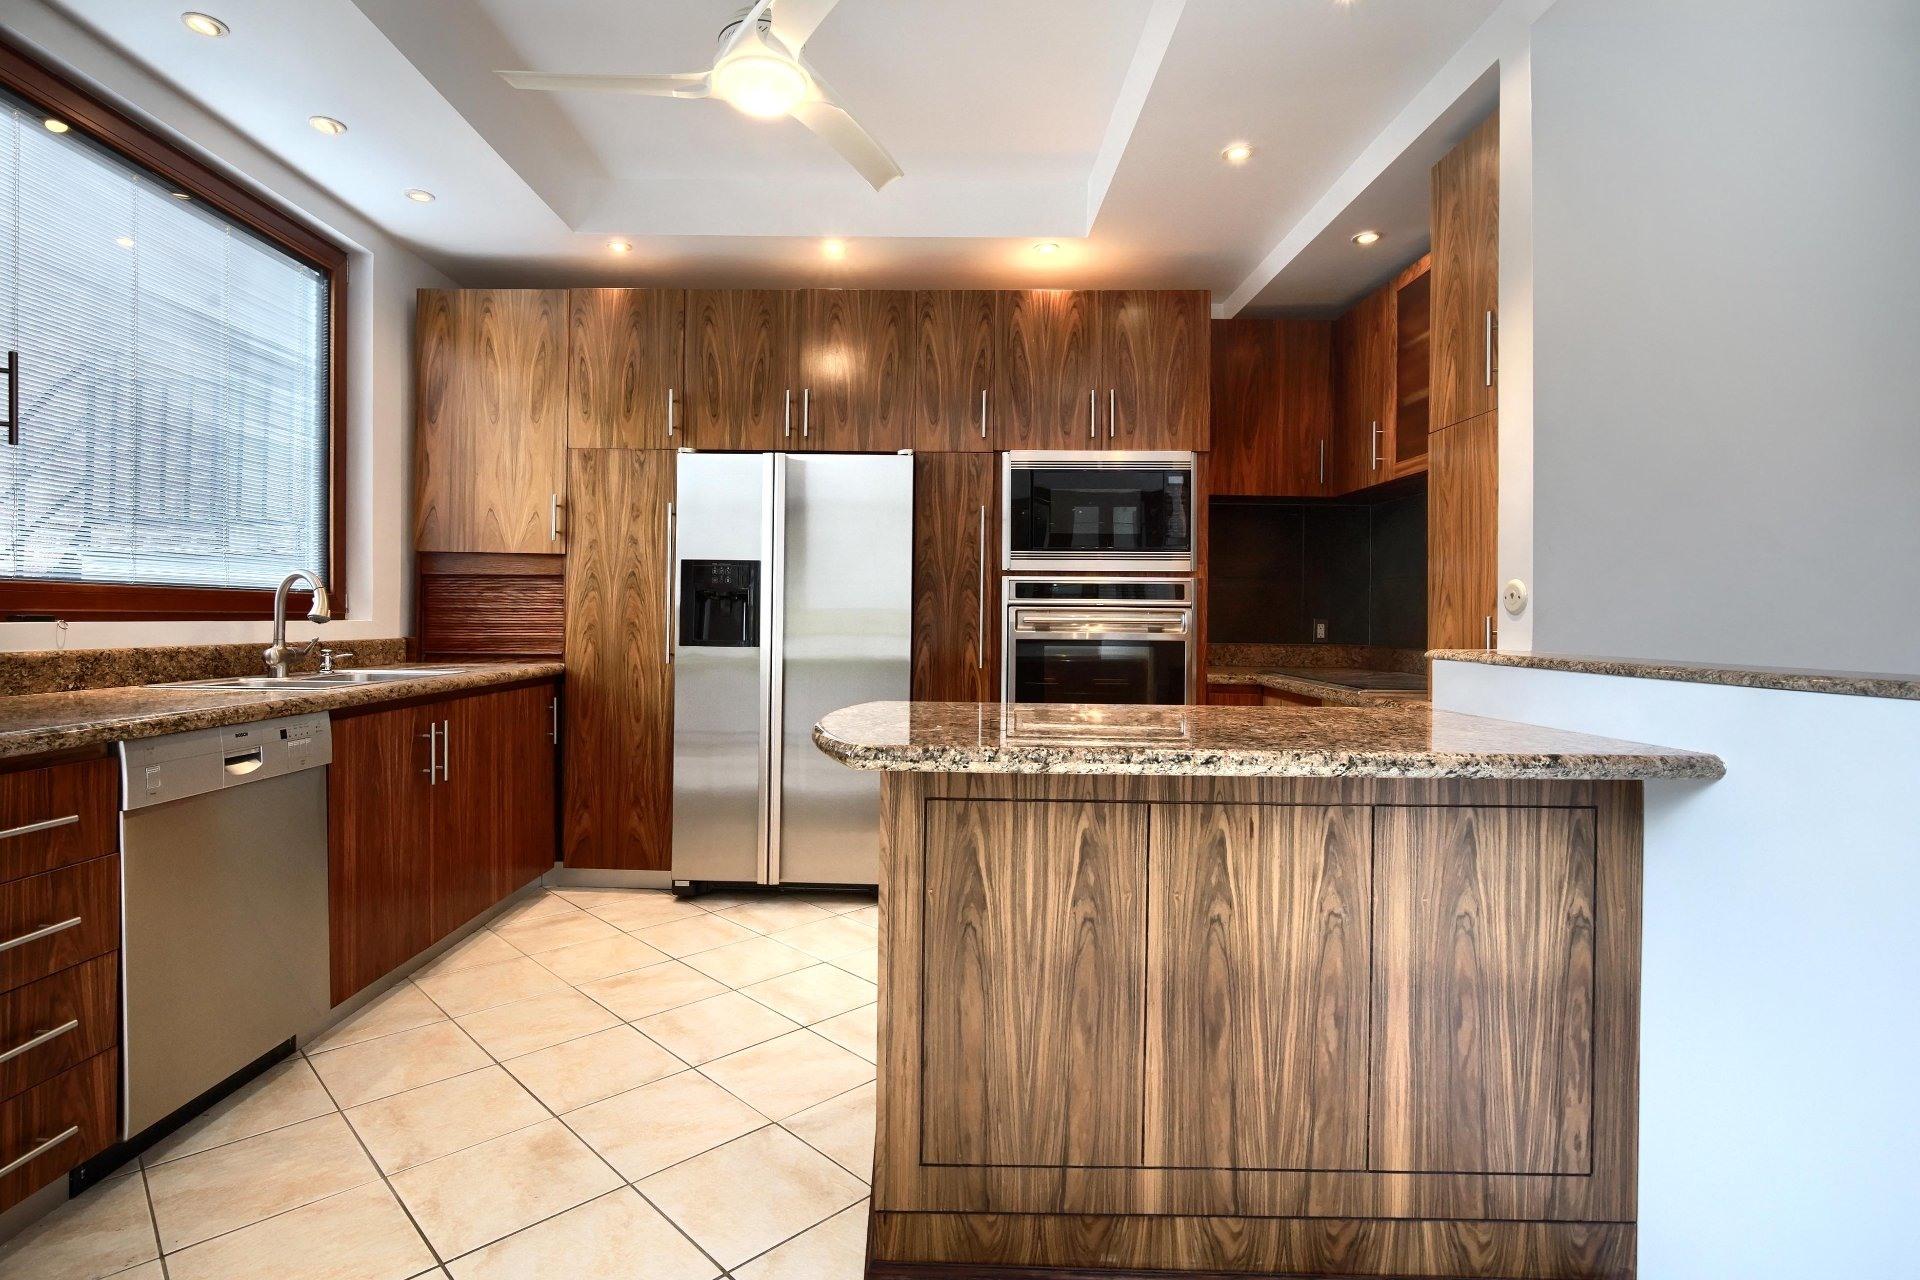 image 5 - Apartment For rent Ville-Marie Montréal  - 10 rooms